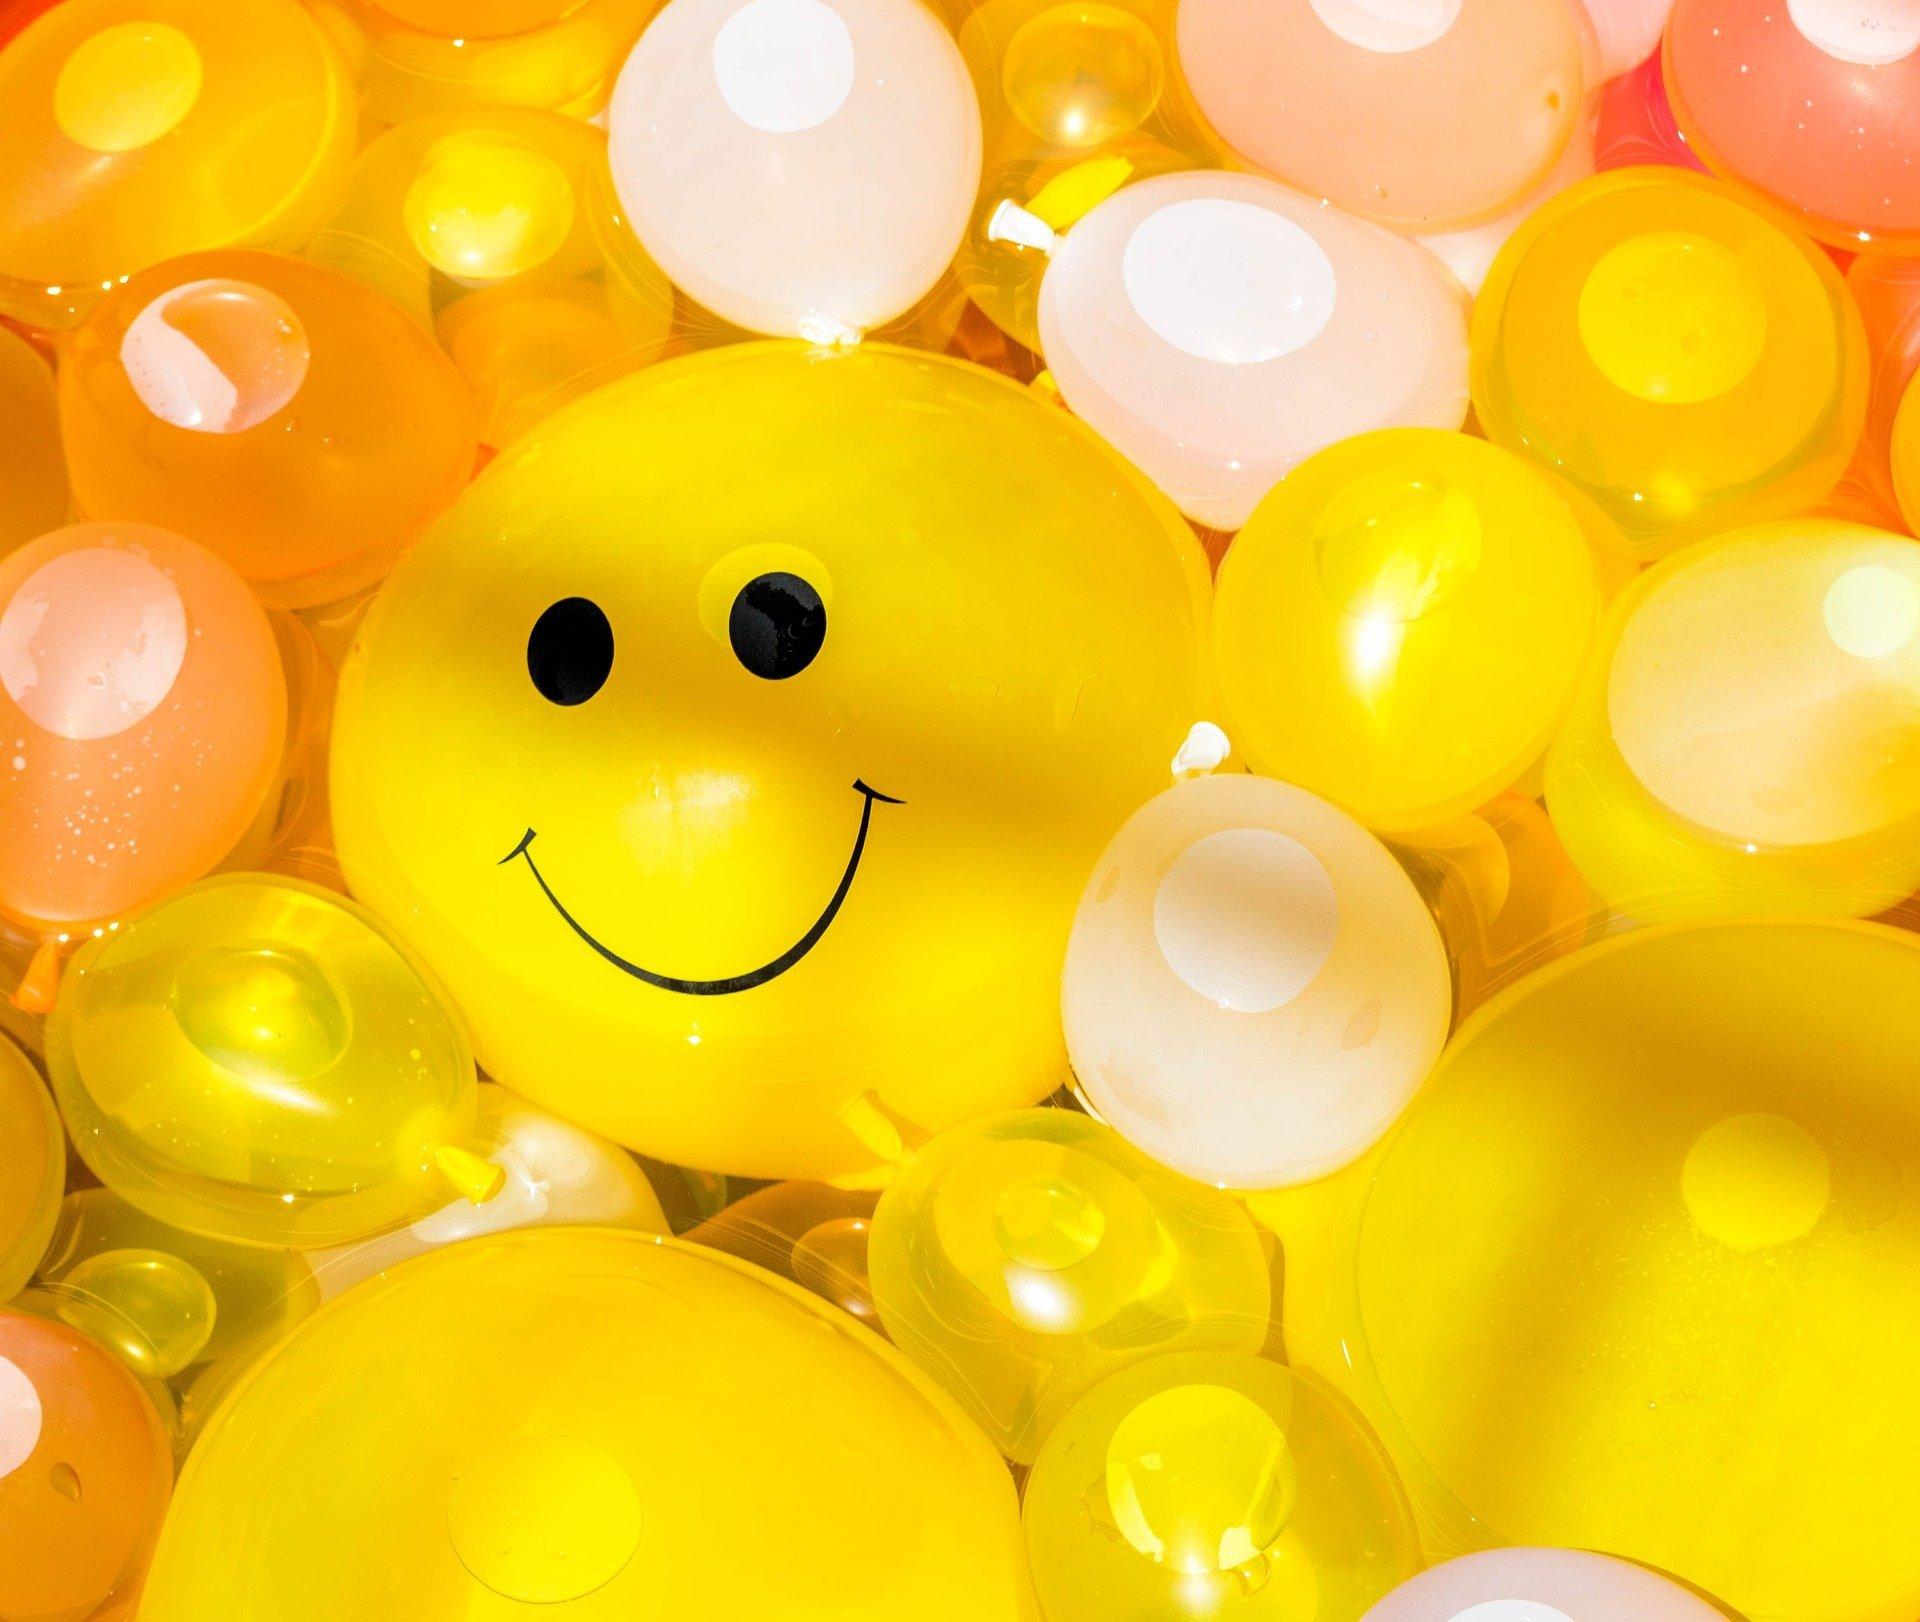 Balon niejadek, wierszyk dla dzieci